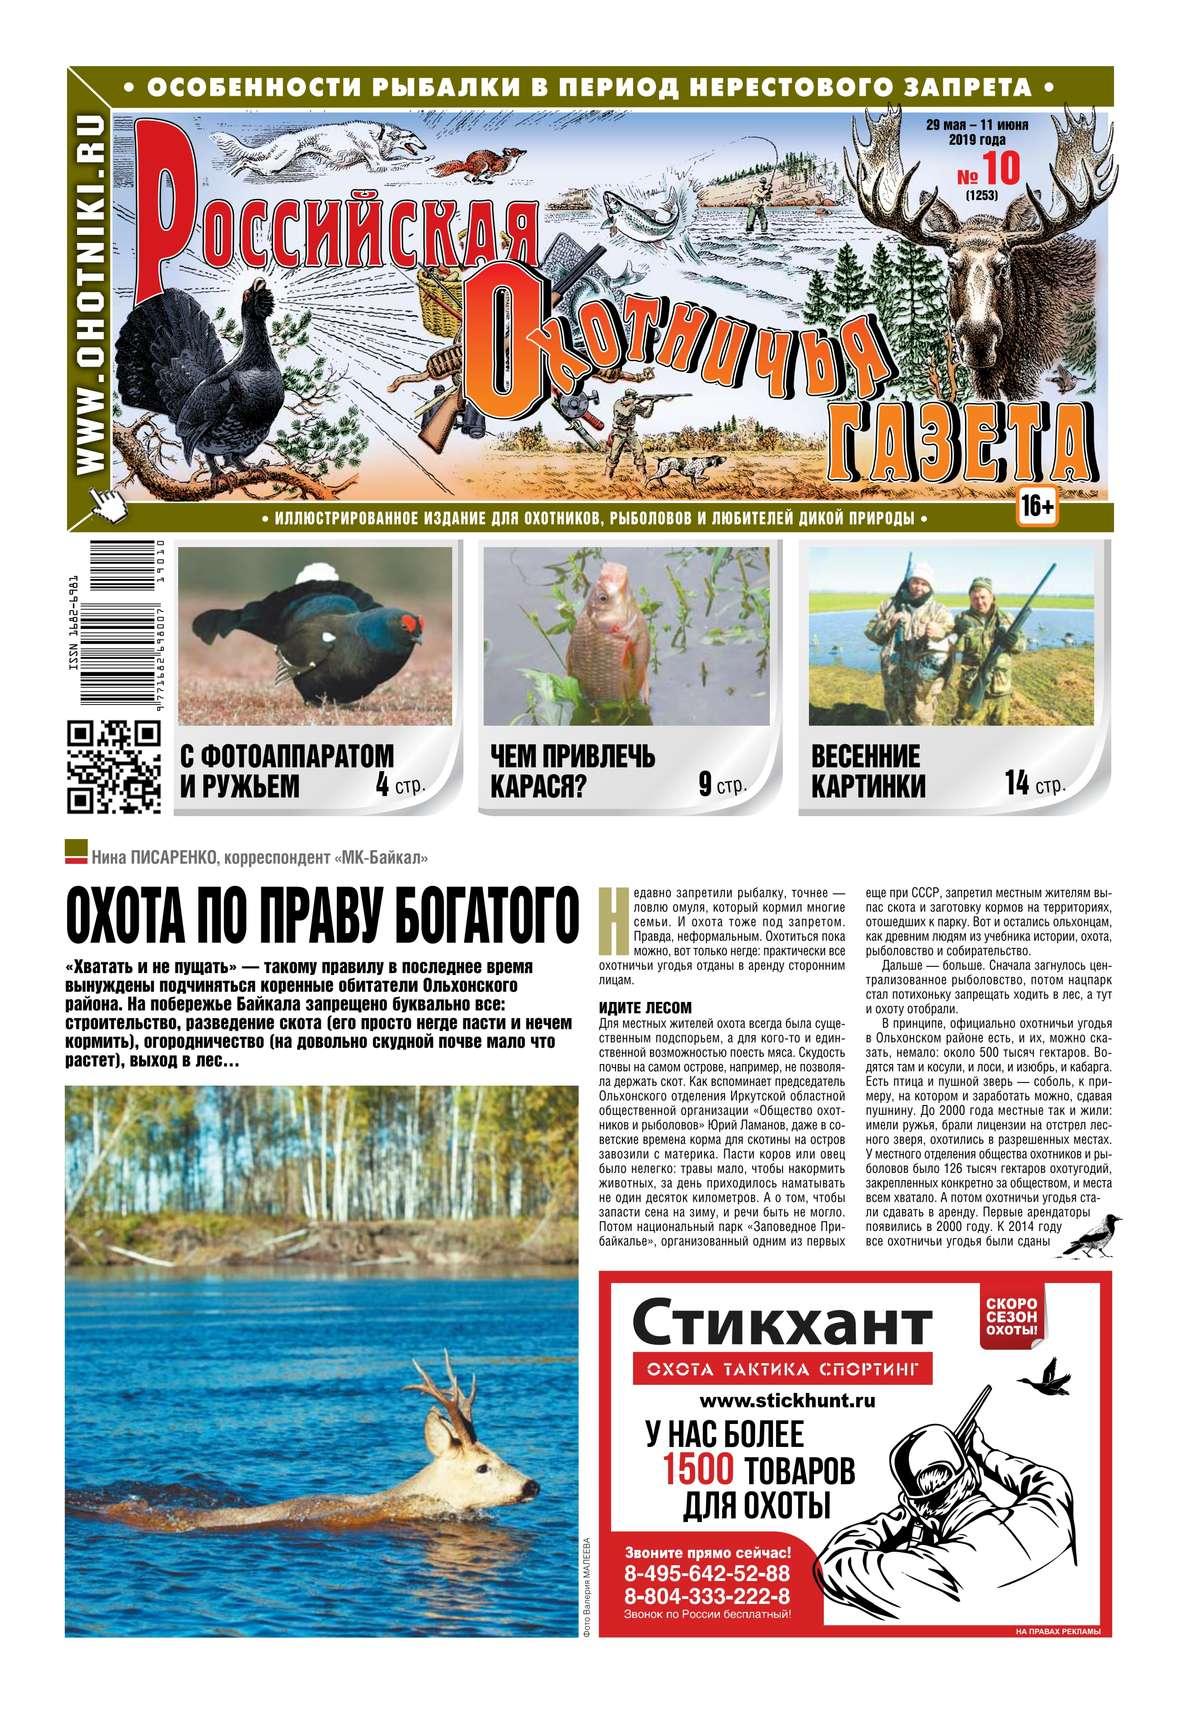 Редакция газеты Российская Охотничья Газета Российская Охотничья Газета 10-2019 цены